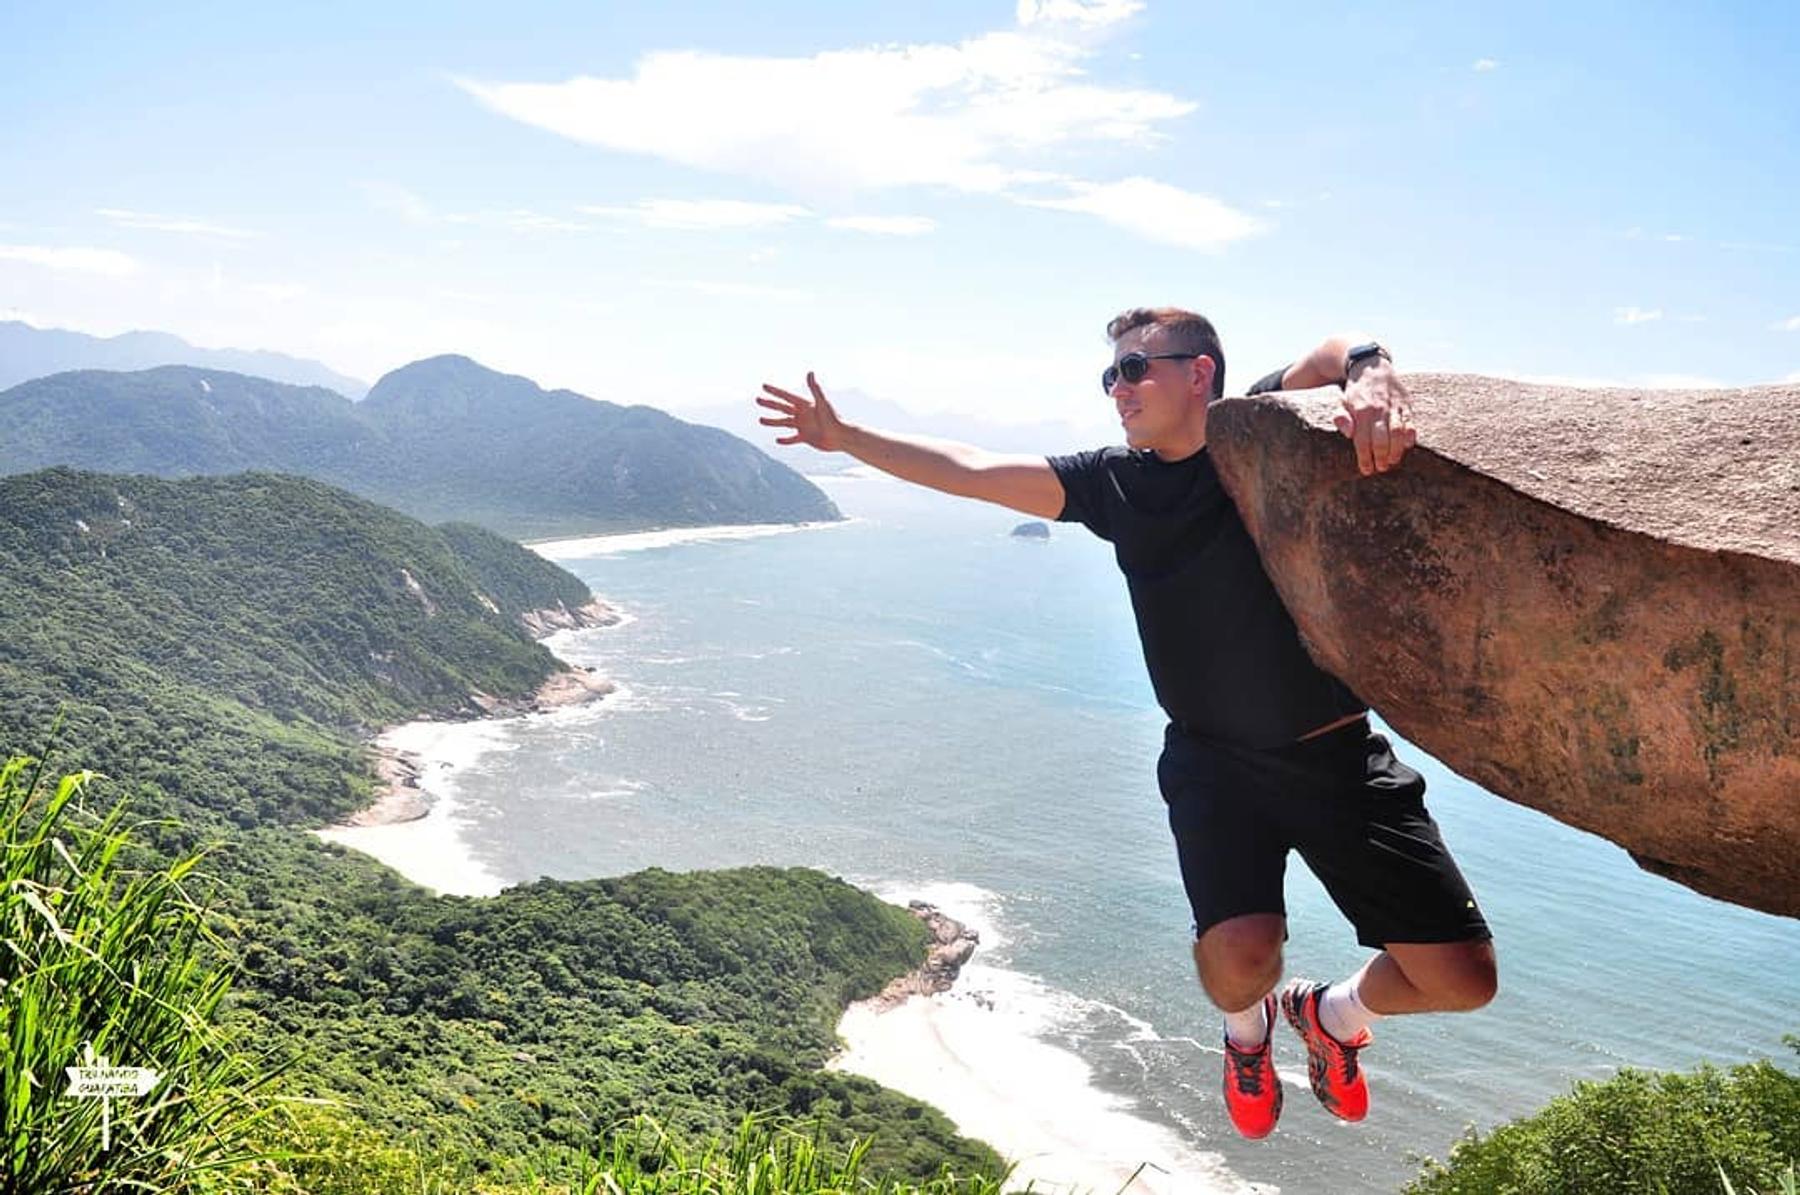 Klippen in Rio de Janeiro, Brasilien